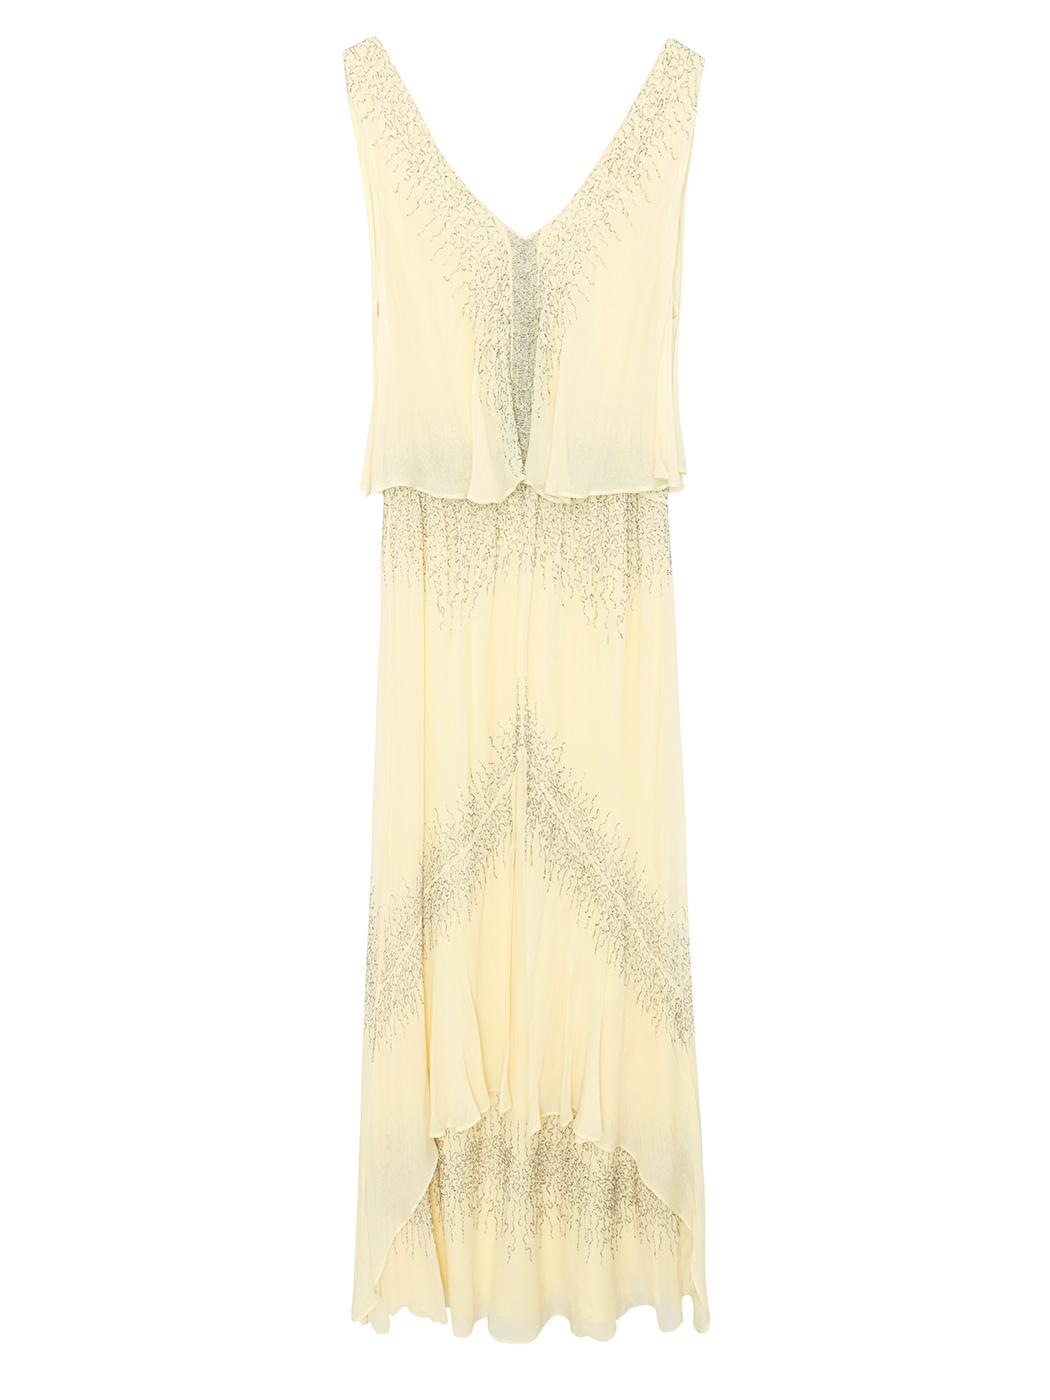 Maxi vestido con cuentas y capas solapadas (316 euros), de Intropia